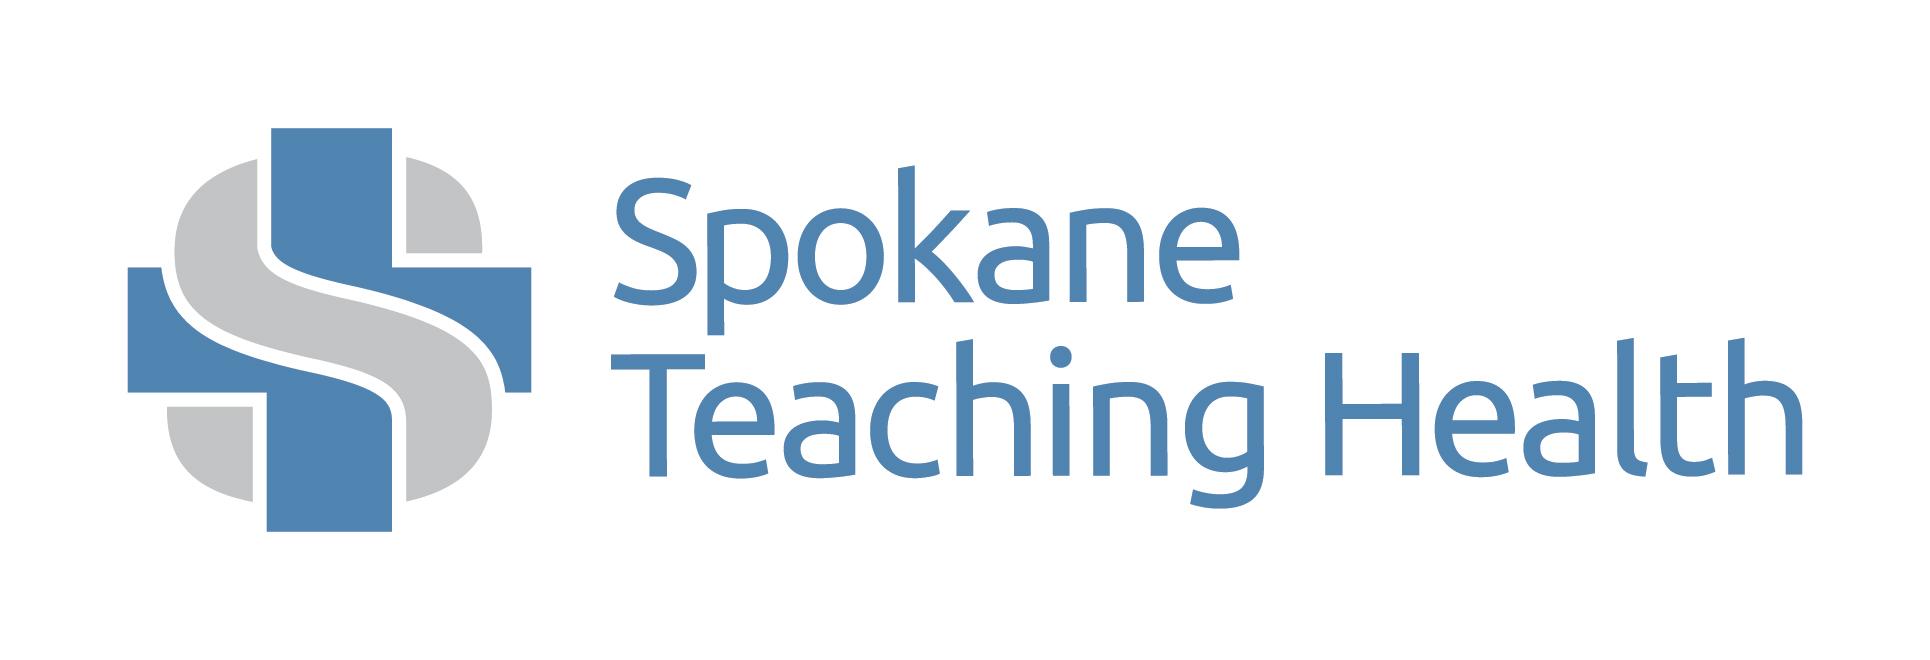 Spokane_Teaching_Health_RGB.jpg